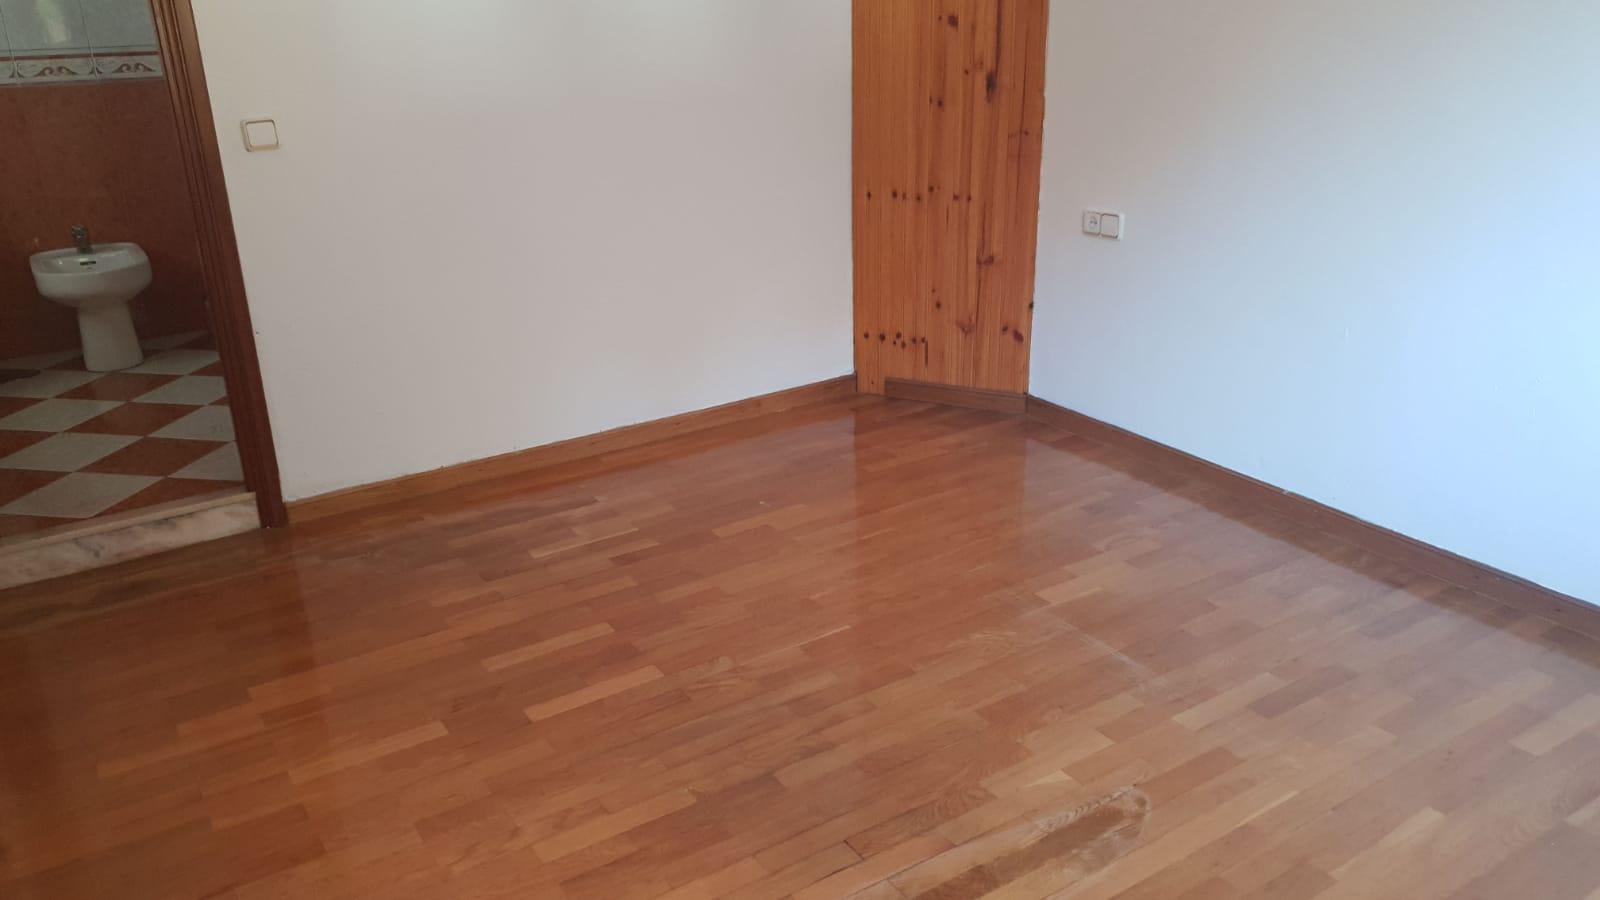 Piso en venta en Hellín, Albacete, Calle San Blas, 23.000 €, 1 habitación, 1 baño, 78 m2